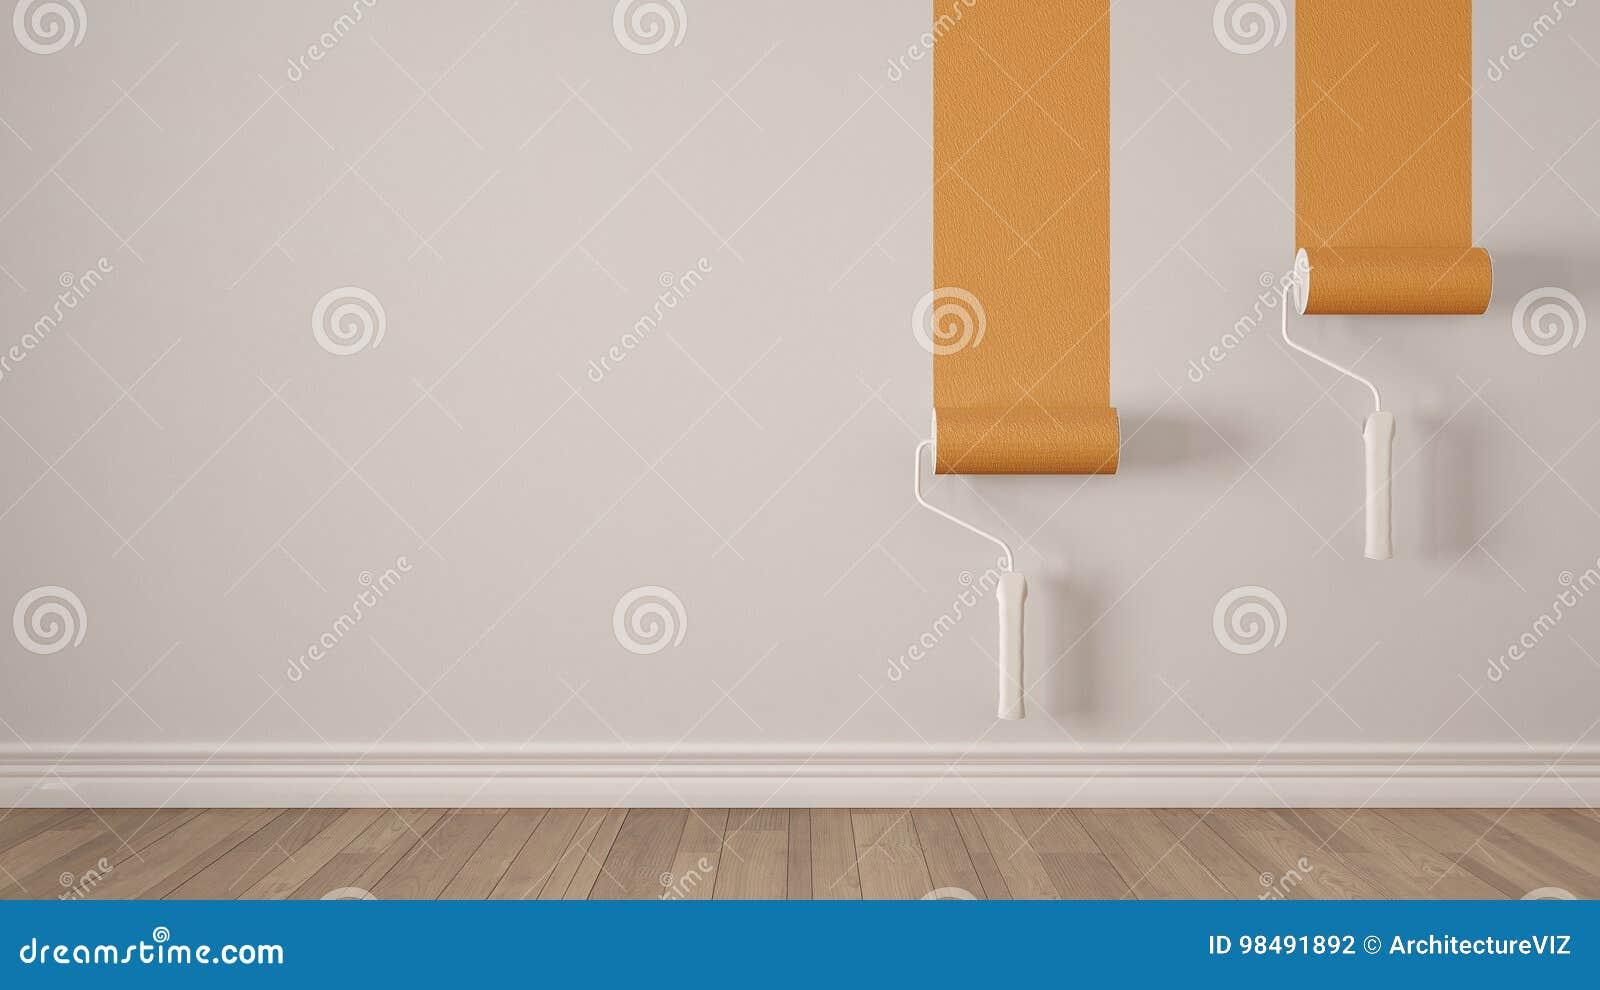 peindre un plancher finest peindre plancher peinture plancher bois pas cher que peinture pour. Black Bedroom Furniture Sets. Home Design Ideas